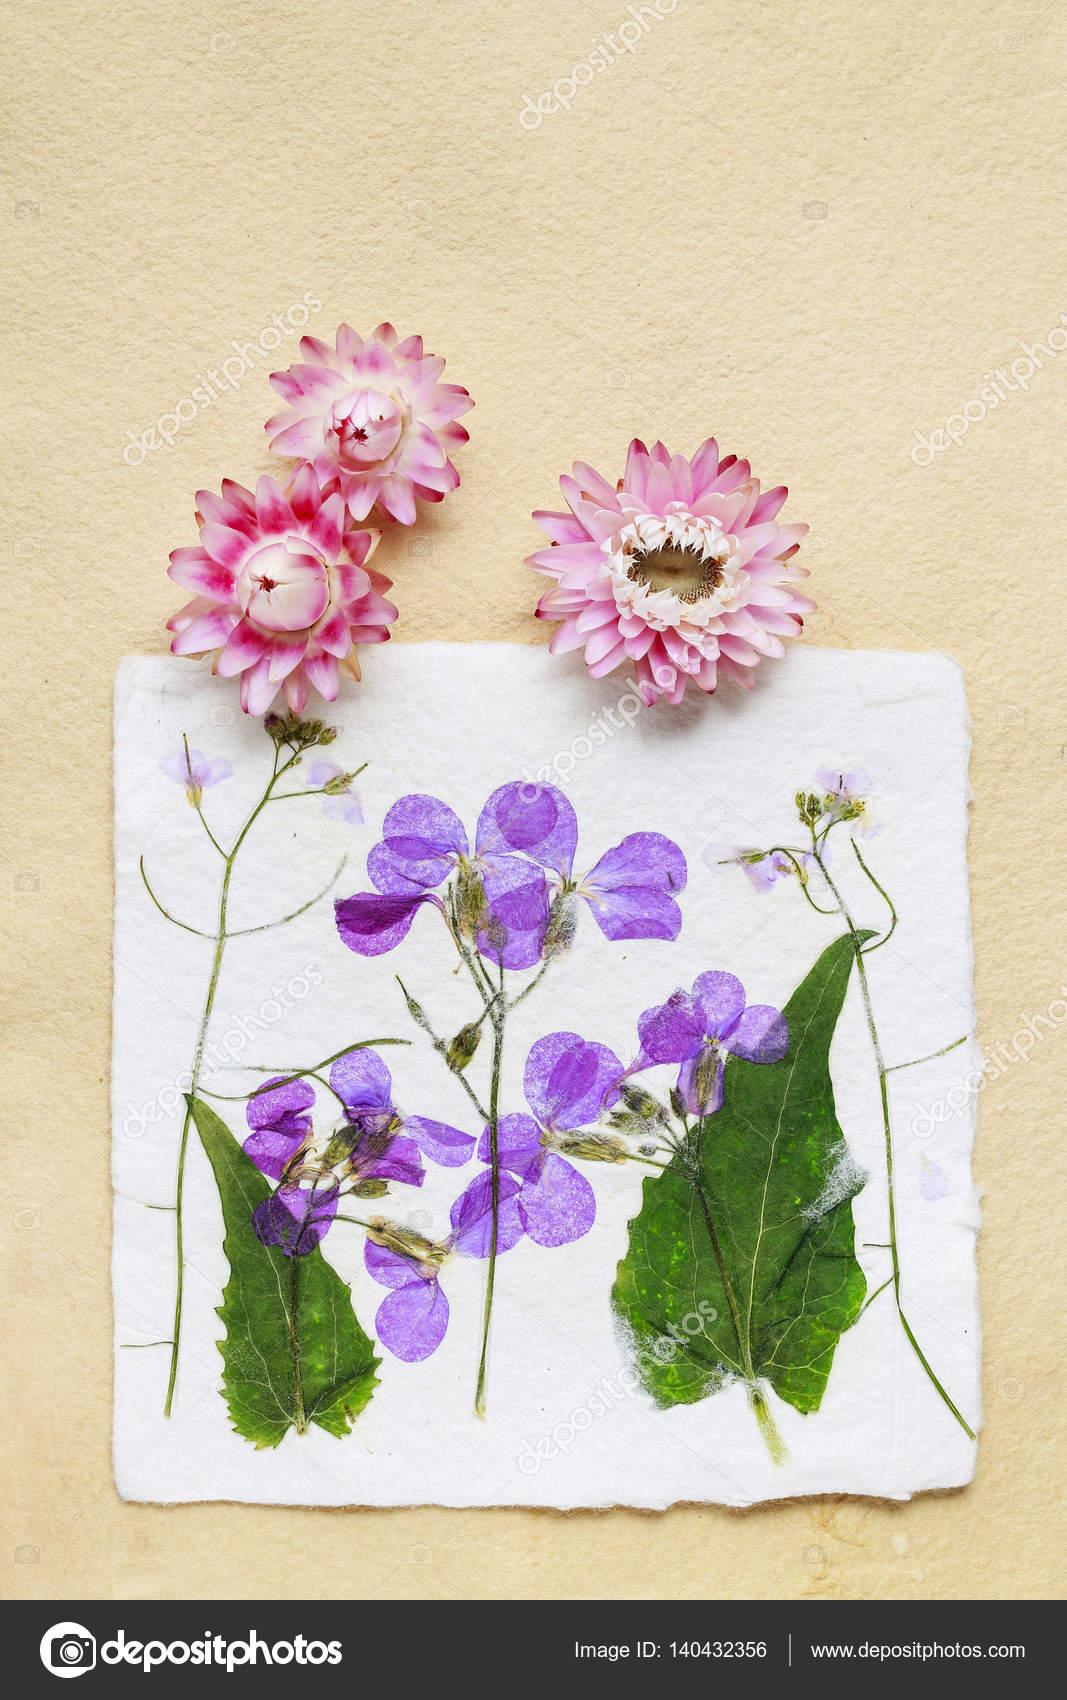 Dried pressed flowers on vintage paper background stock photo dried pressed flowers on vintage paper background stock photo mightylinksfo